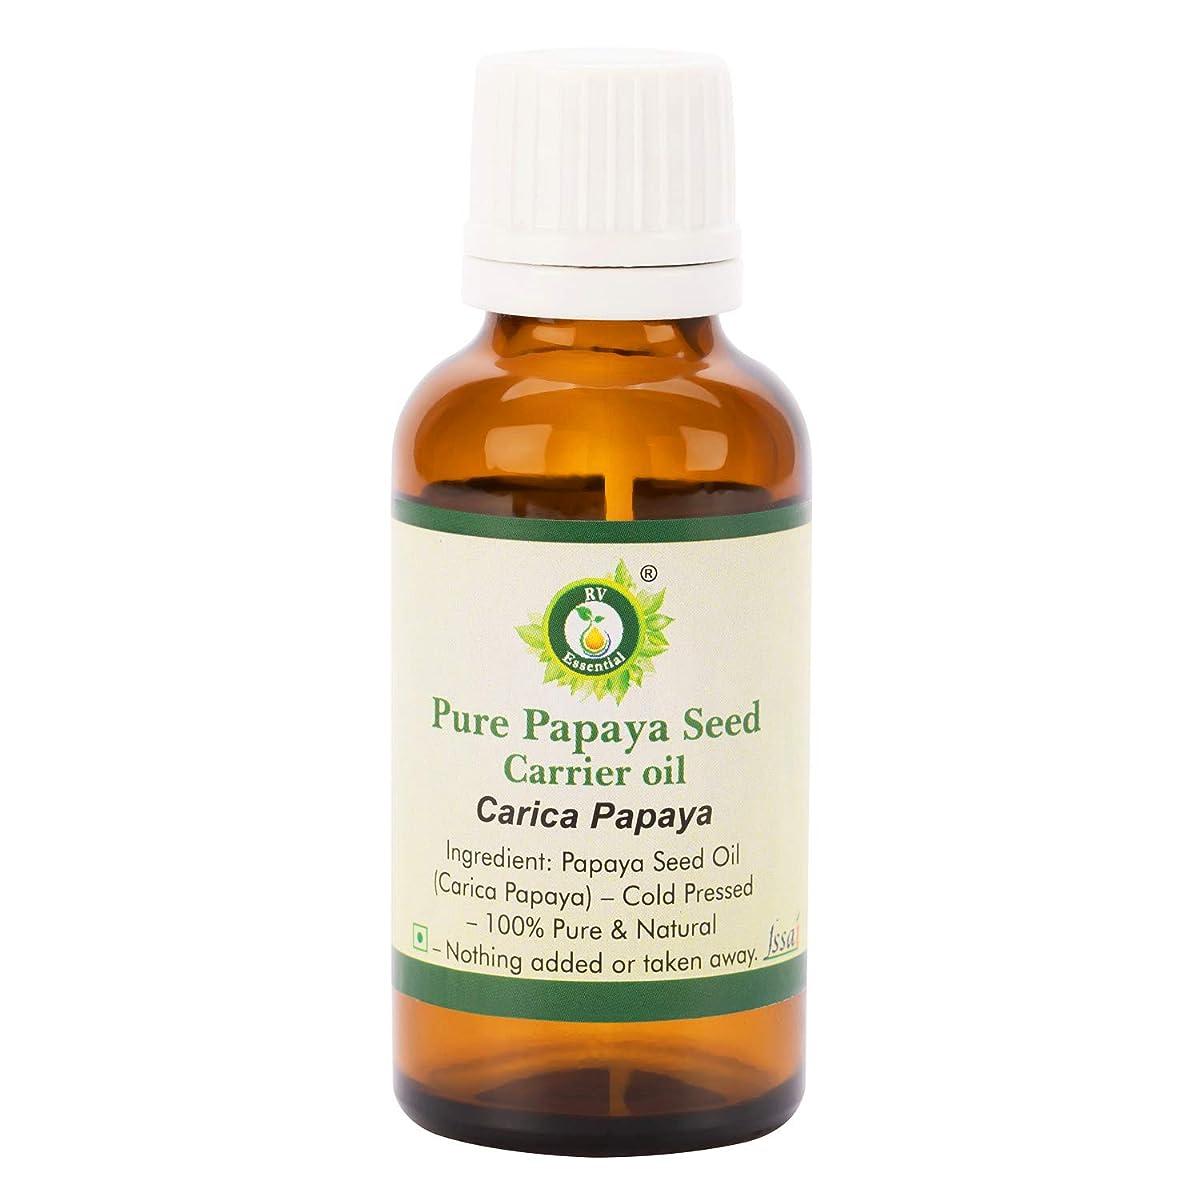 オフェンスバレーボール天文学純粋なパパイヤ種子キャリアオイル15ml (0.507oz)- Carica Papaya (100%ピュア&ナチュラルコールドPressed) Pure Papaya Seed Carrier Oil